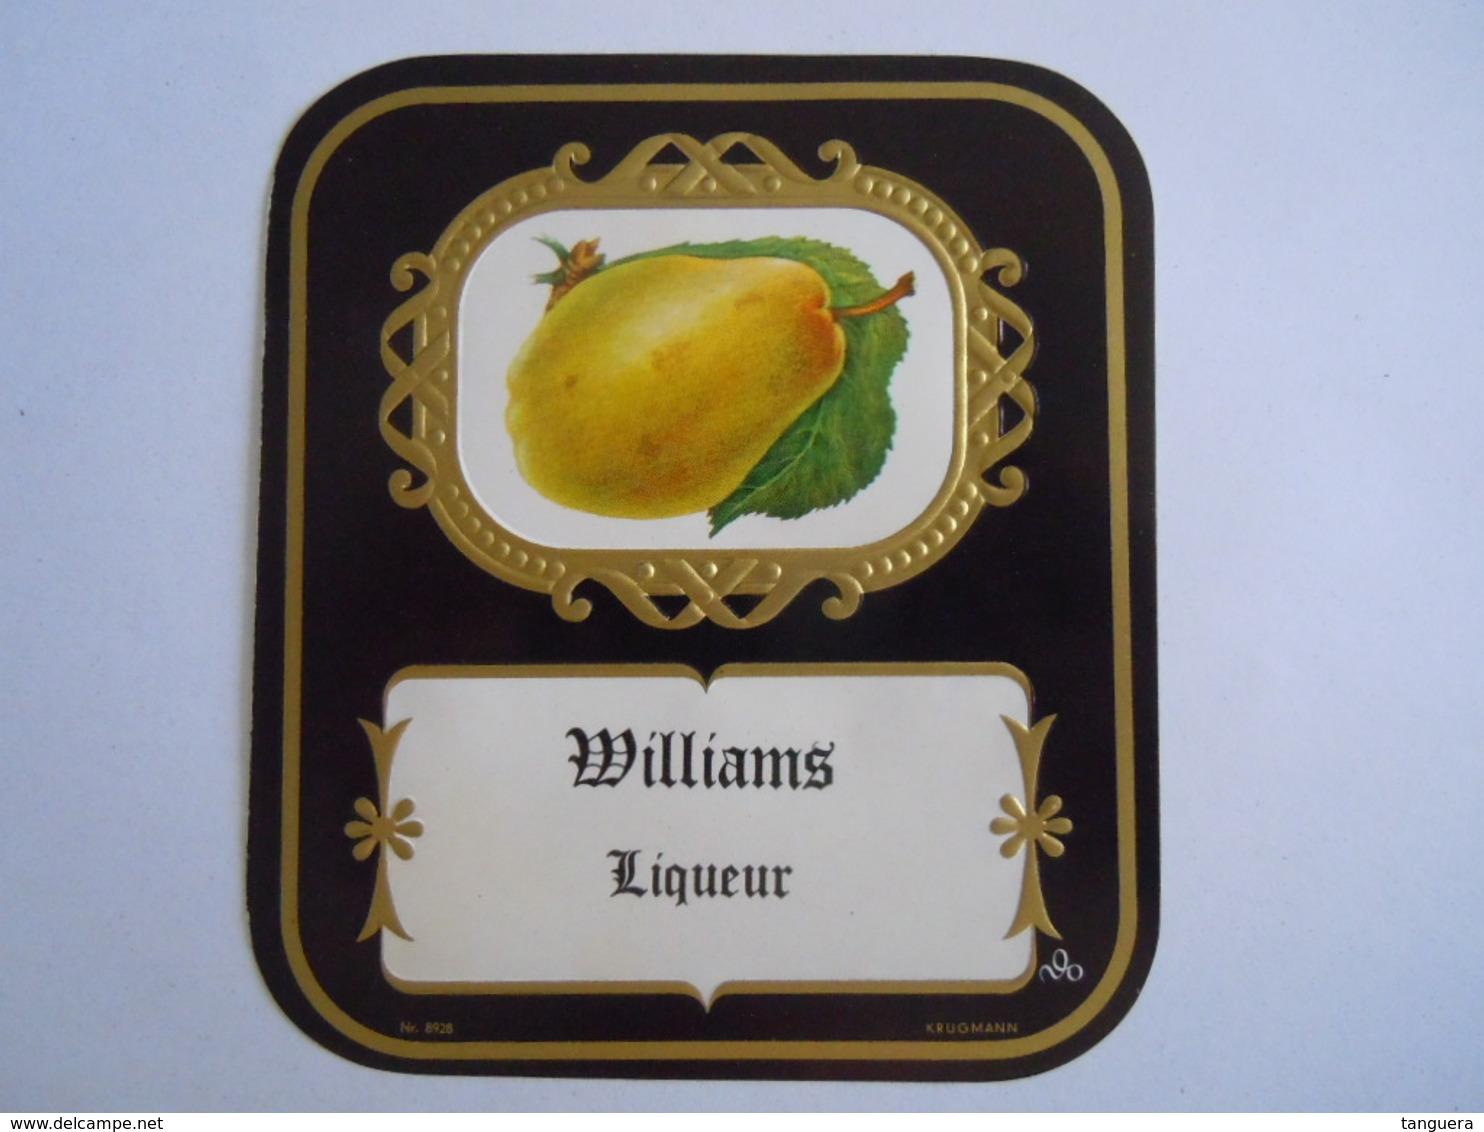 Etiket Etiquette Williams Liqueur Poire Krugmann Form 10 X 11 Cm - Sonstige